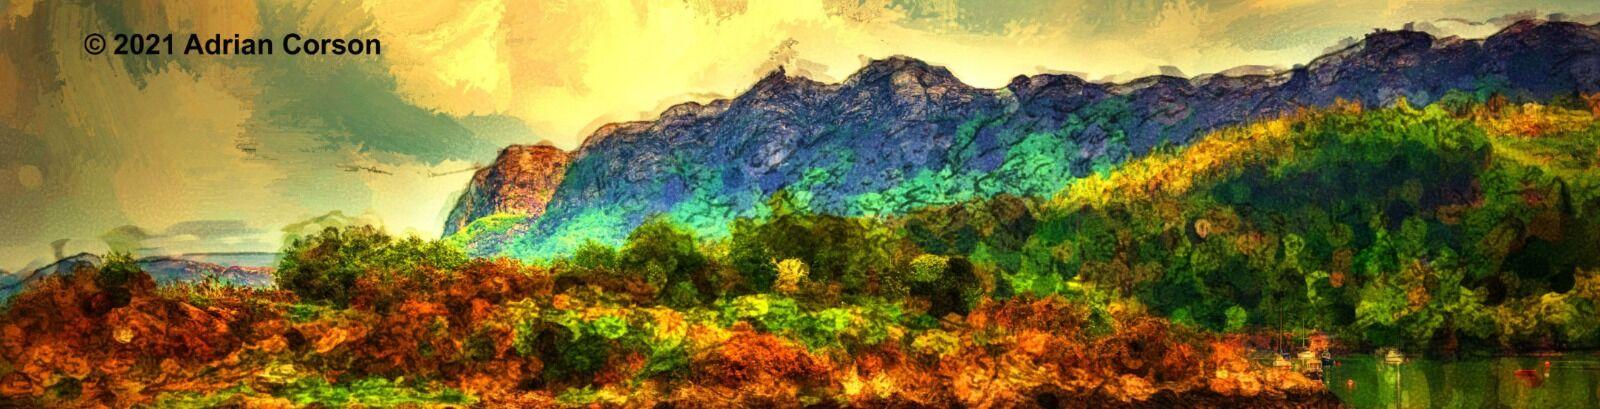 177-craggy hillside